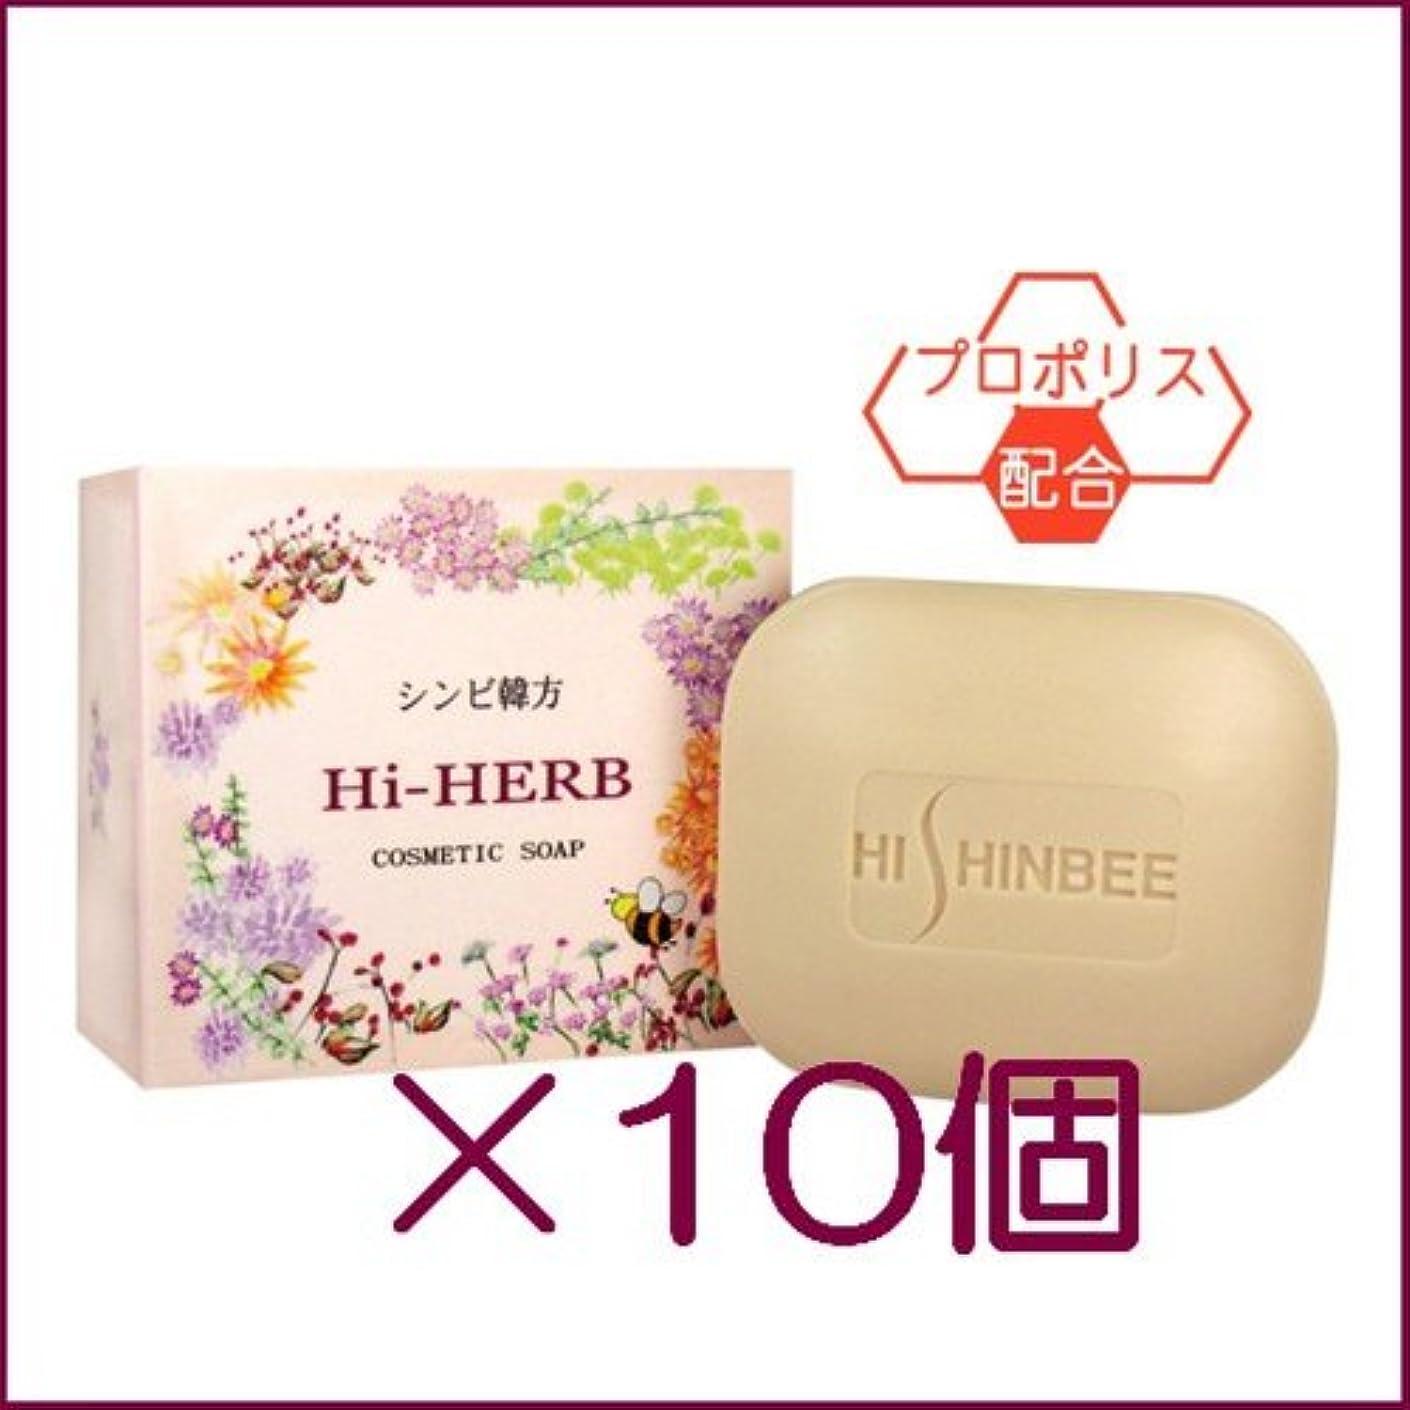 ドナーしおれた興奮するシンビ 韓方ハイハーブ石鹸 100g ×10個